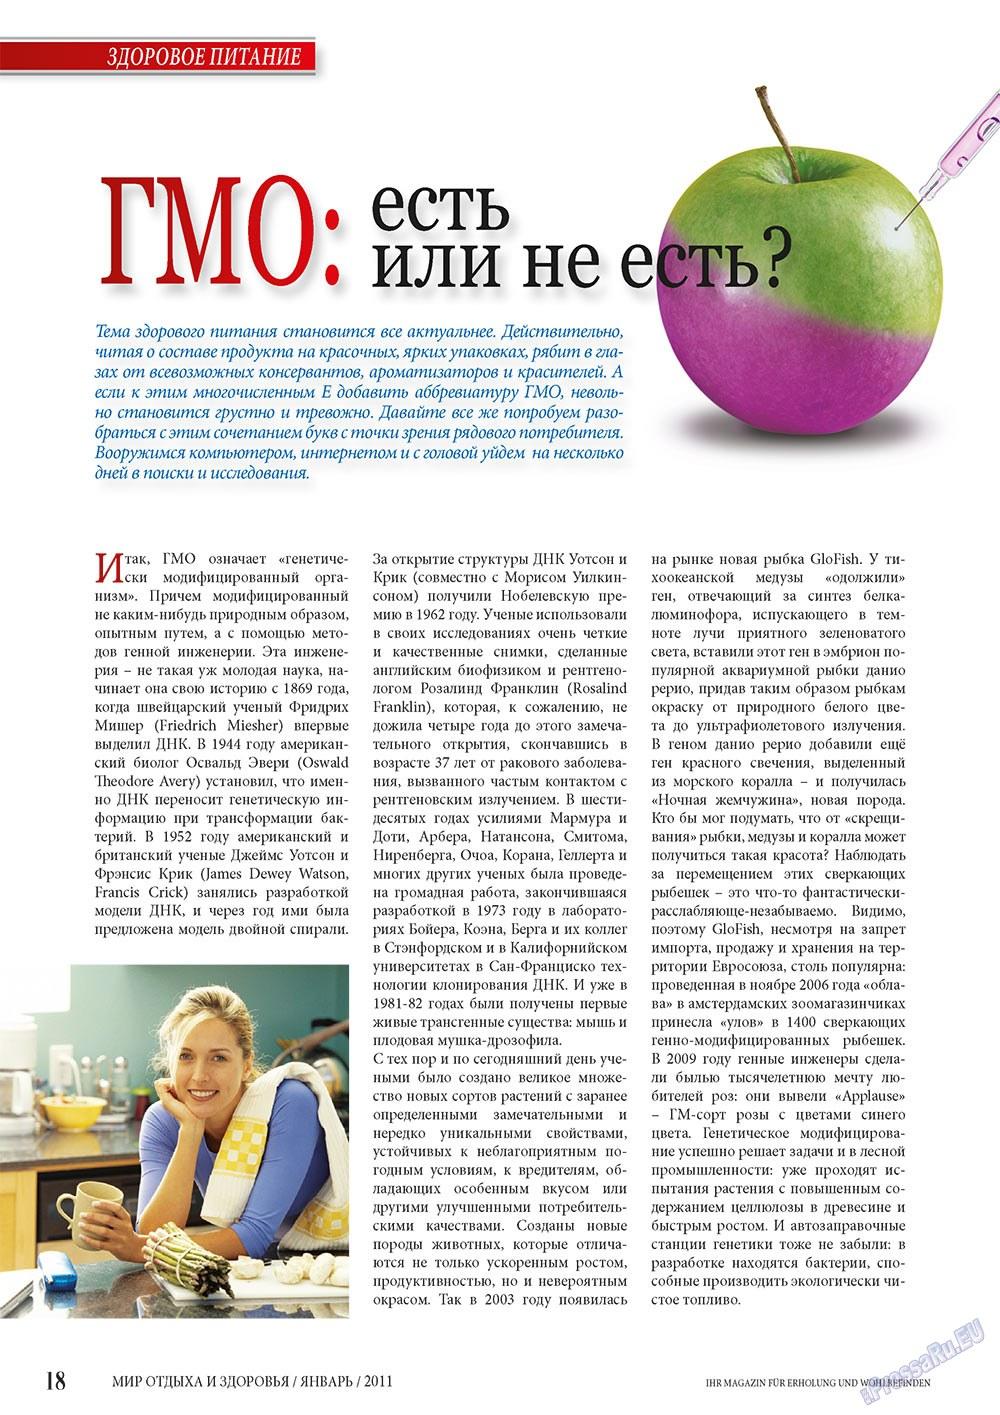 Мир отдыха и здоровья (журнал). 2011 год, номер 1, стр. 18